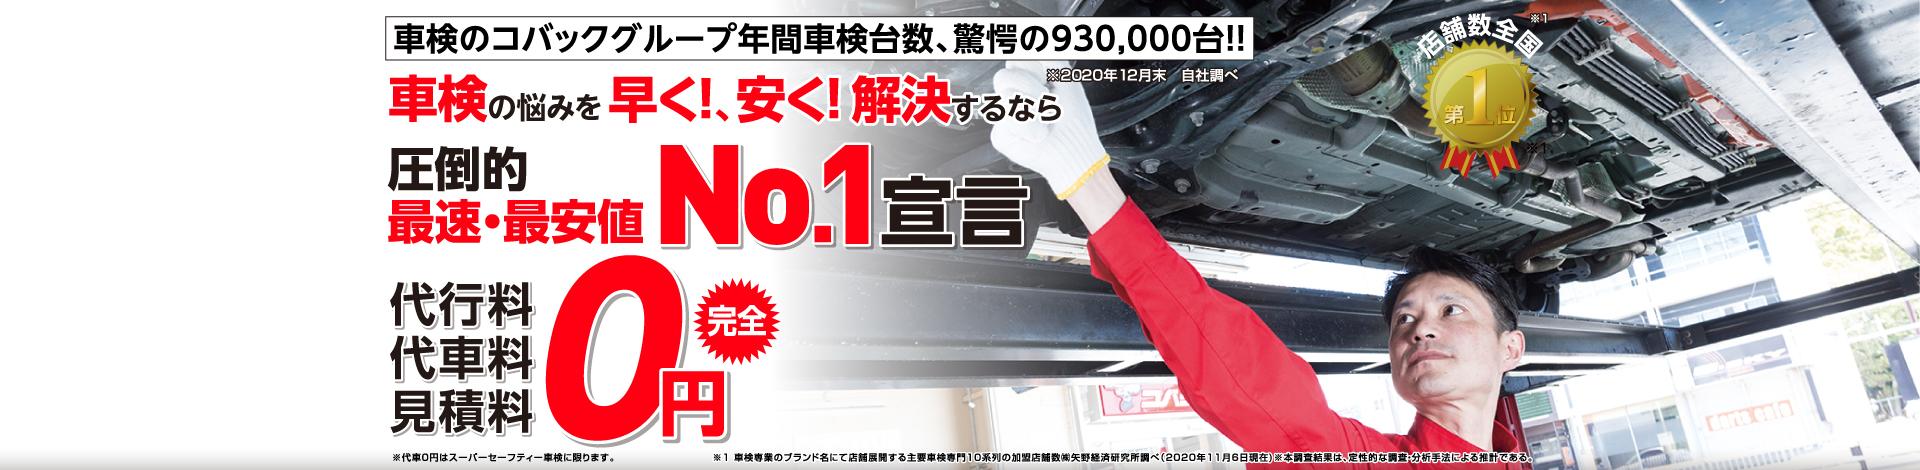 名古屋市天白区内で圧倒的実績! 累計30万台突破!車検の悩みを早く!、安く! 解決するなら圧倒的最速・最安値No.1宣言 代行料・代車料・見積料0円 他社よりも最安値でご案内最低価格保証システム